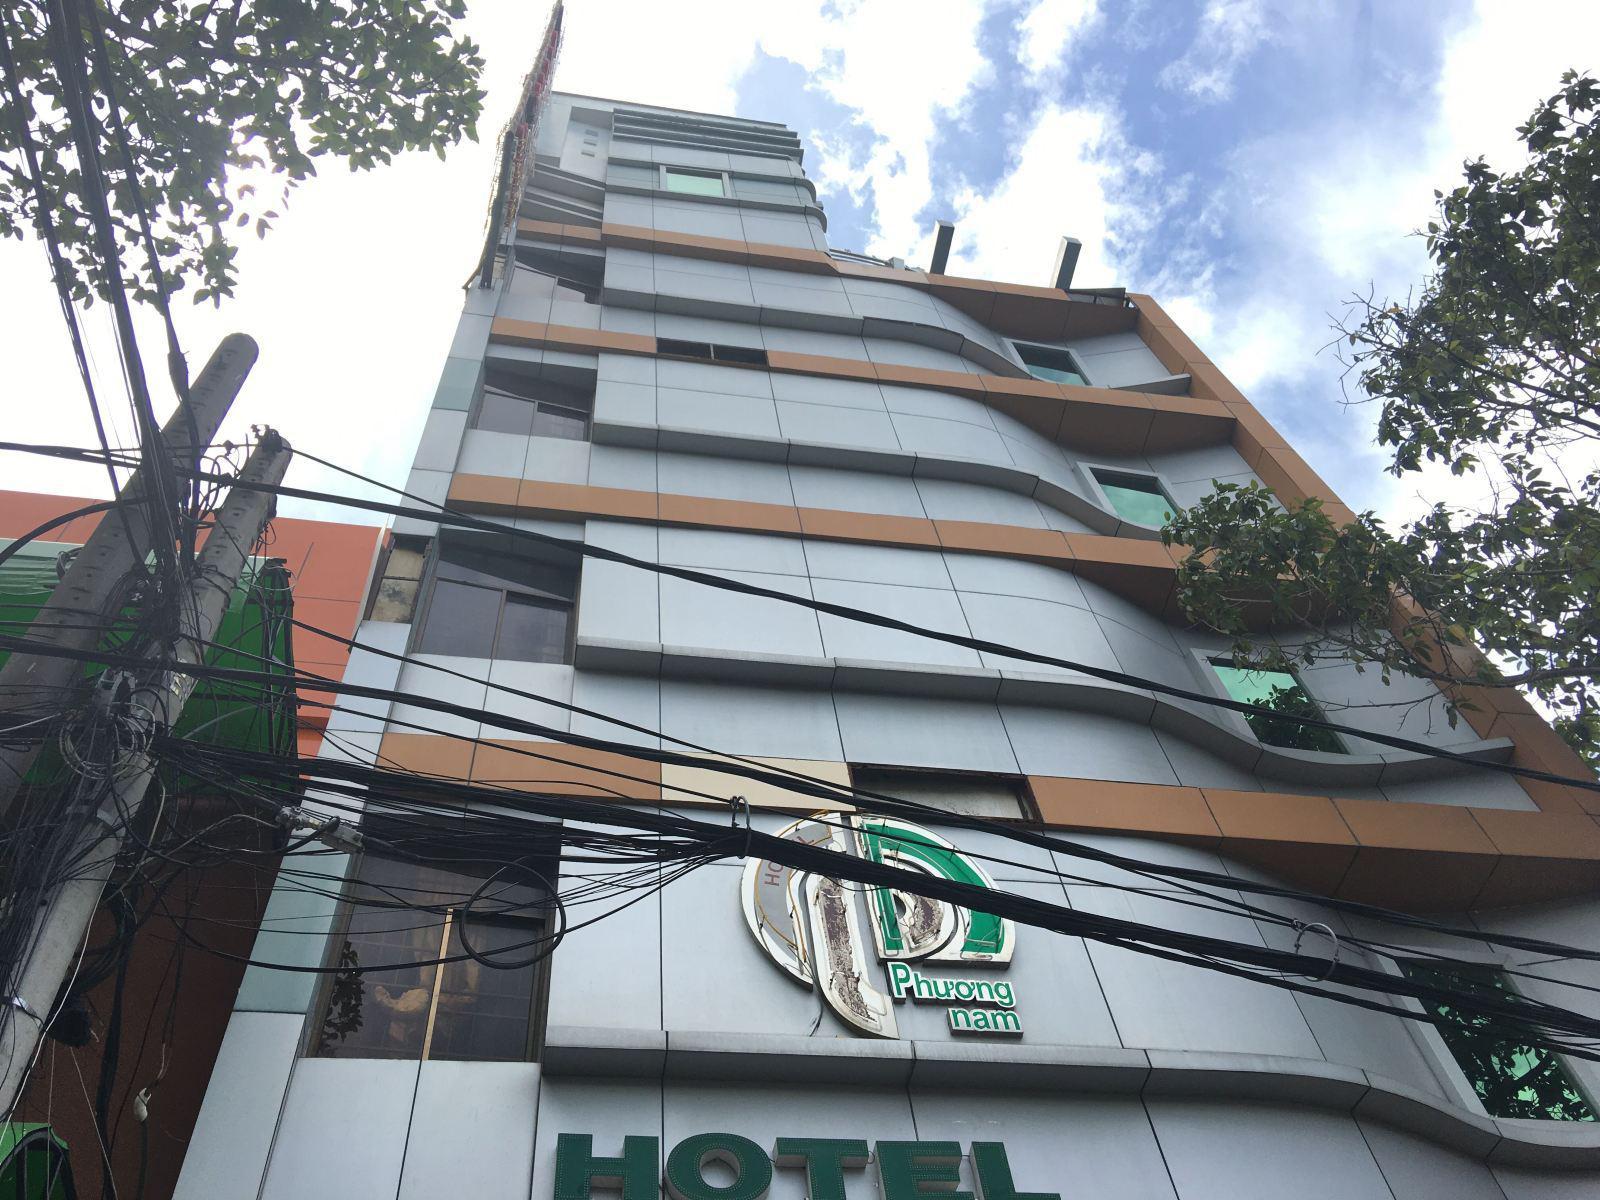 Khách sạn Thịnh Phương Nam